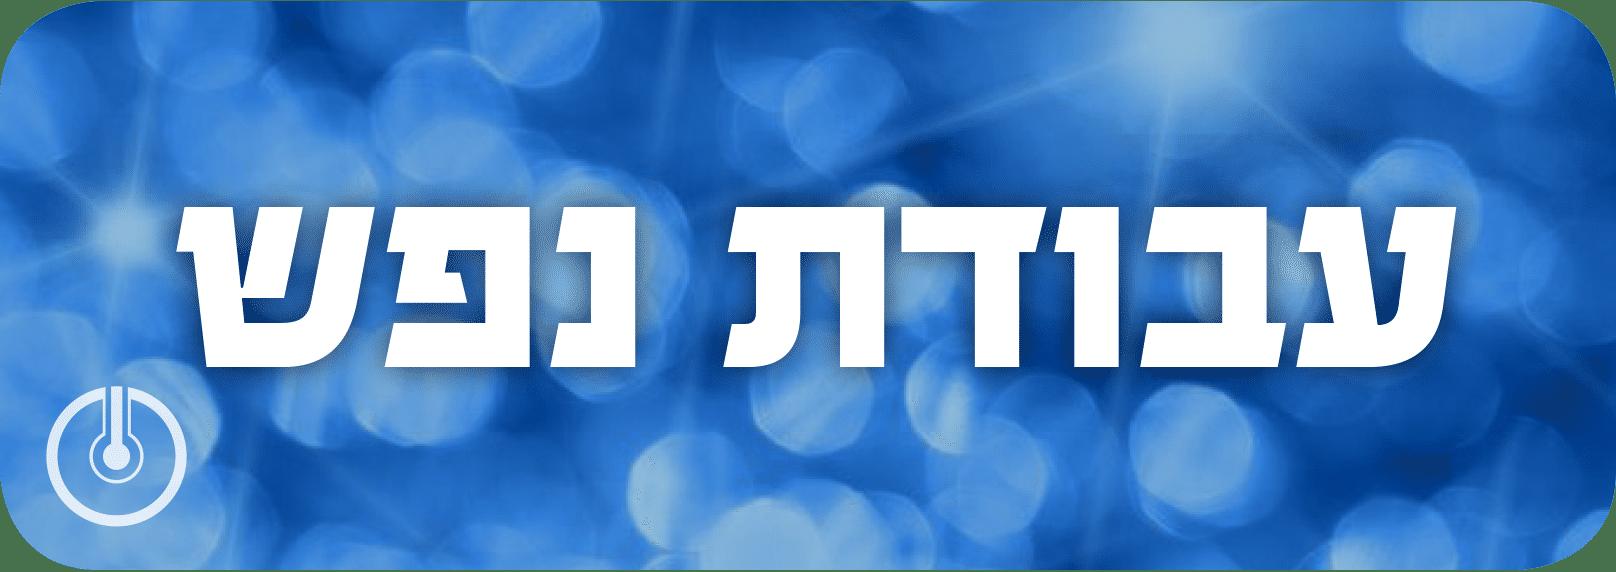 nefesh bullet